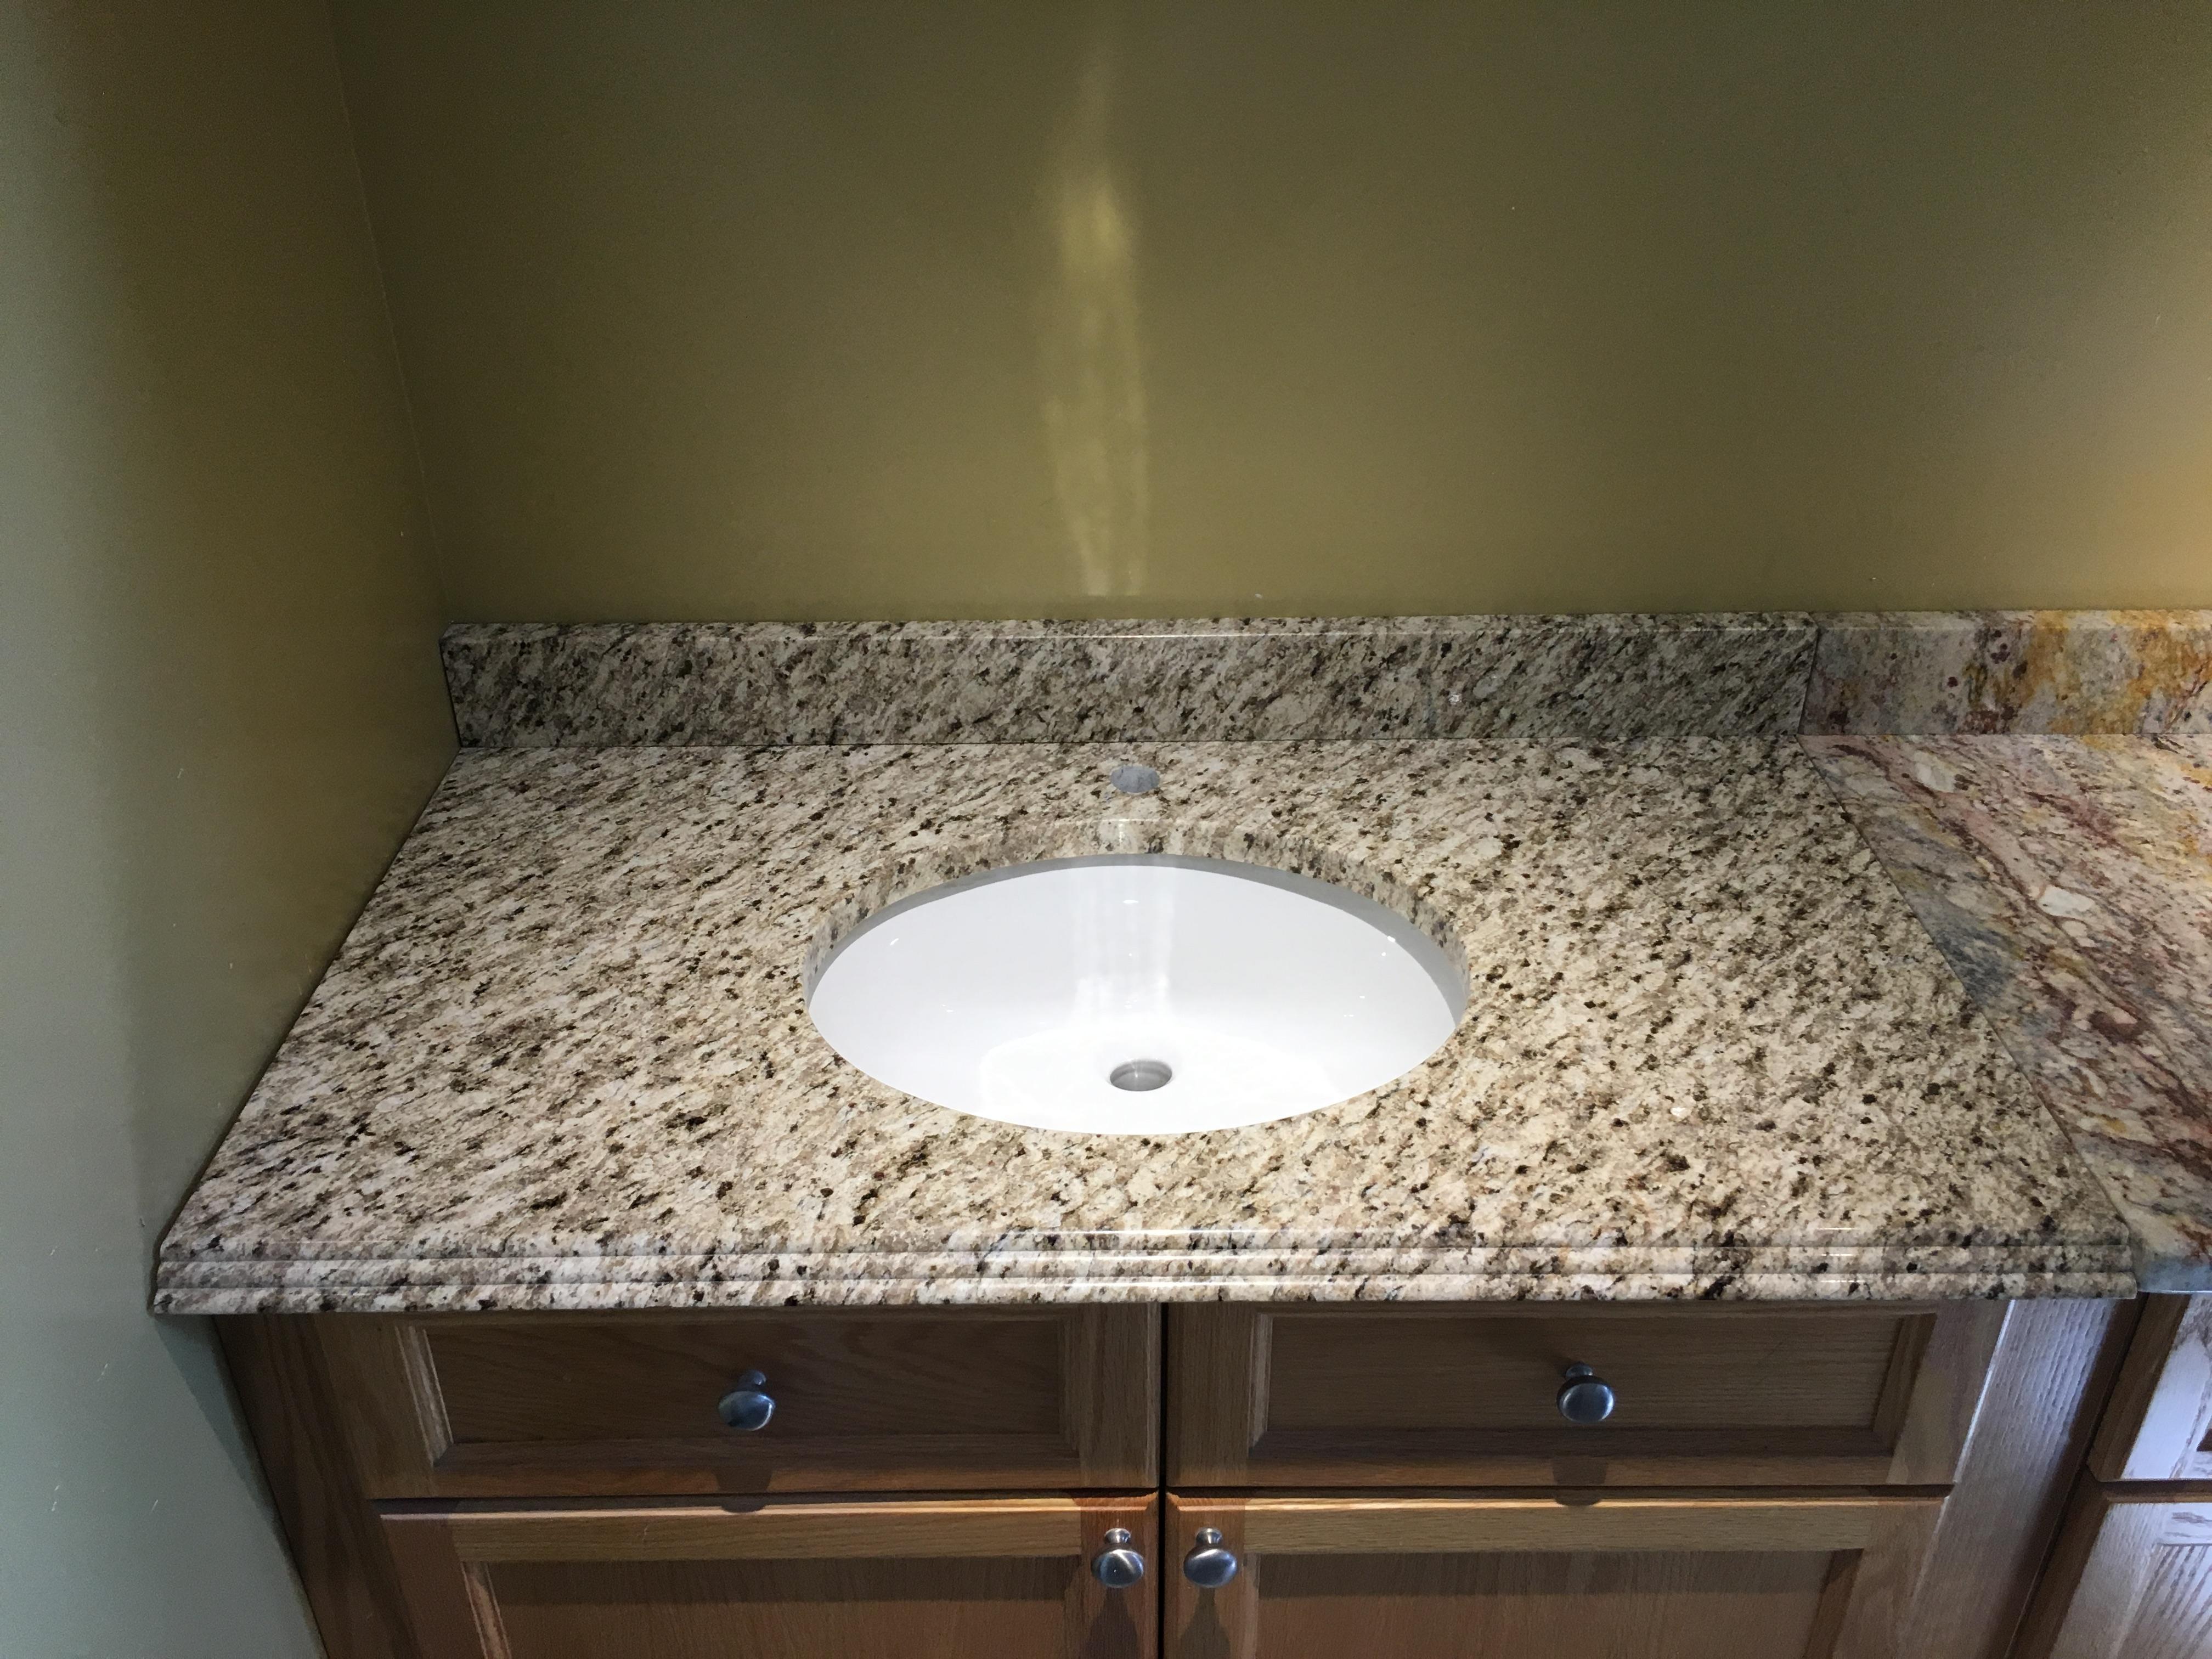 Bathroom Sinks - Ottawa Granite Pro | Granite Kitchen ...